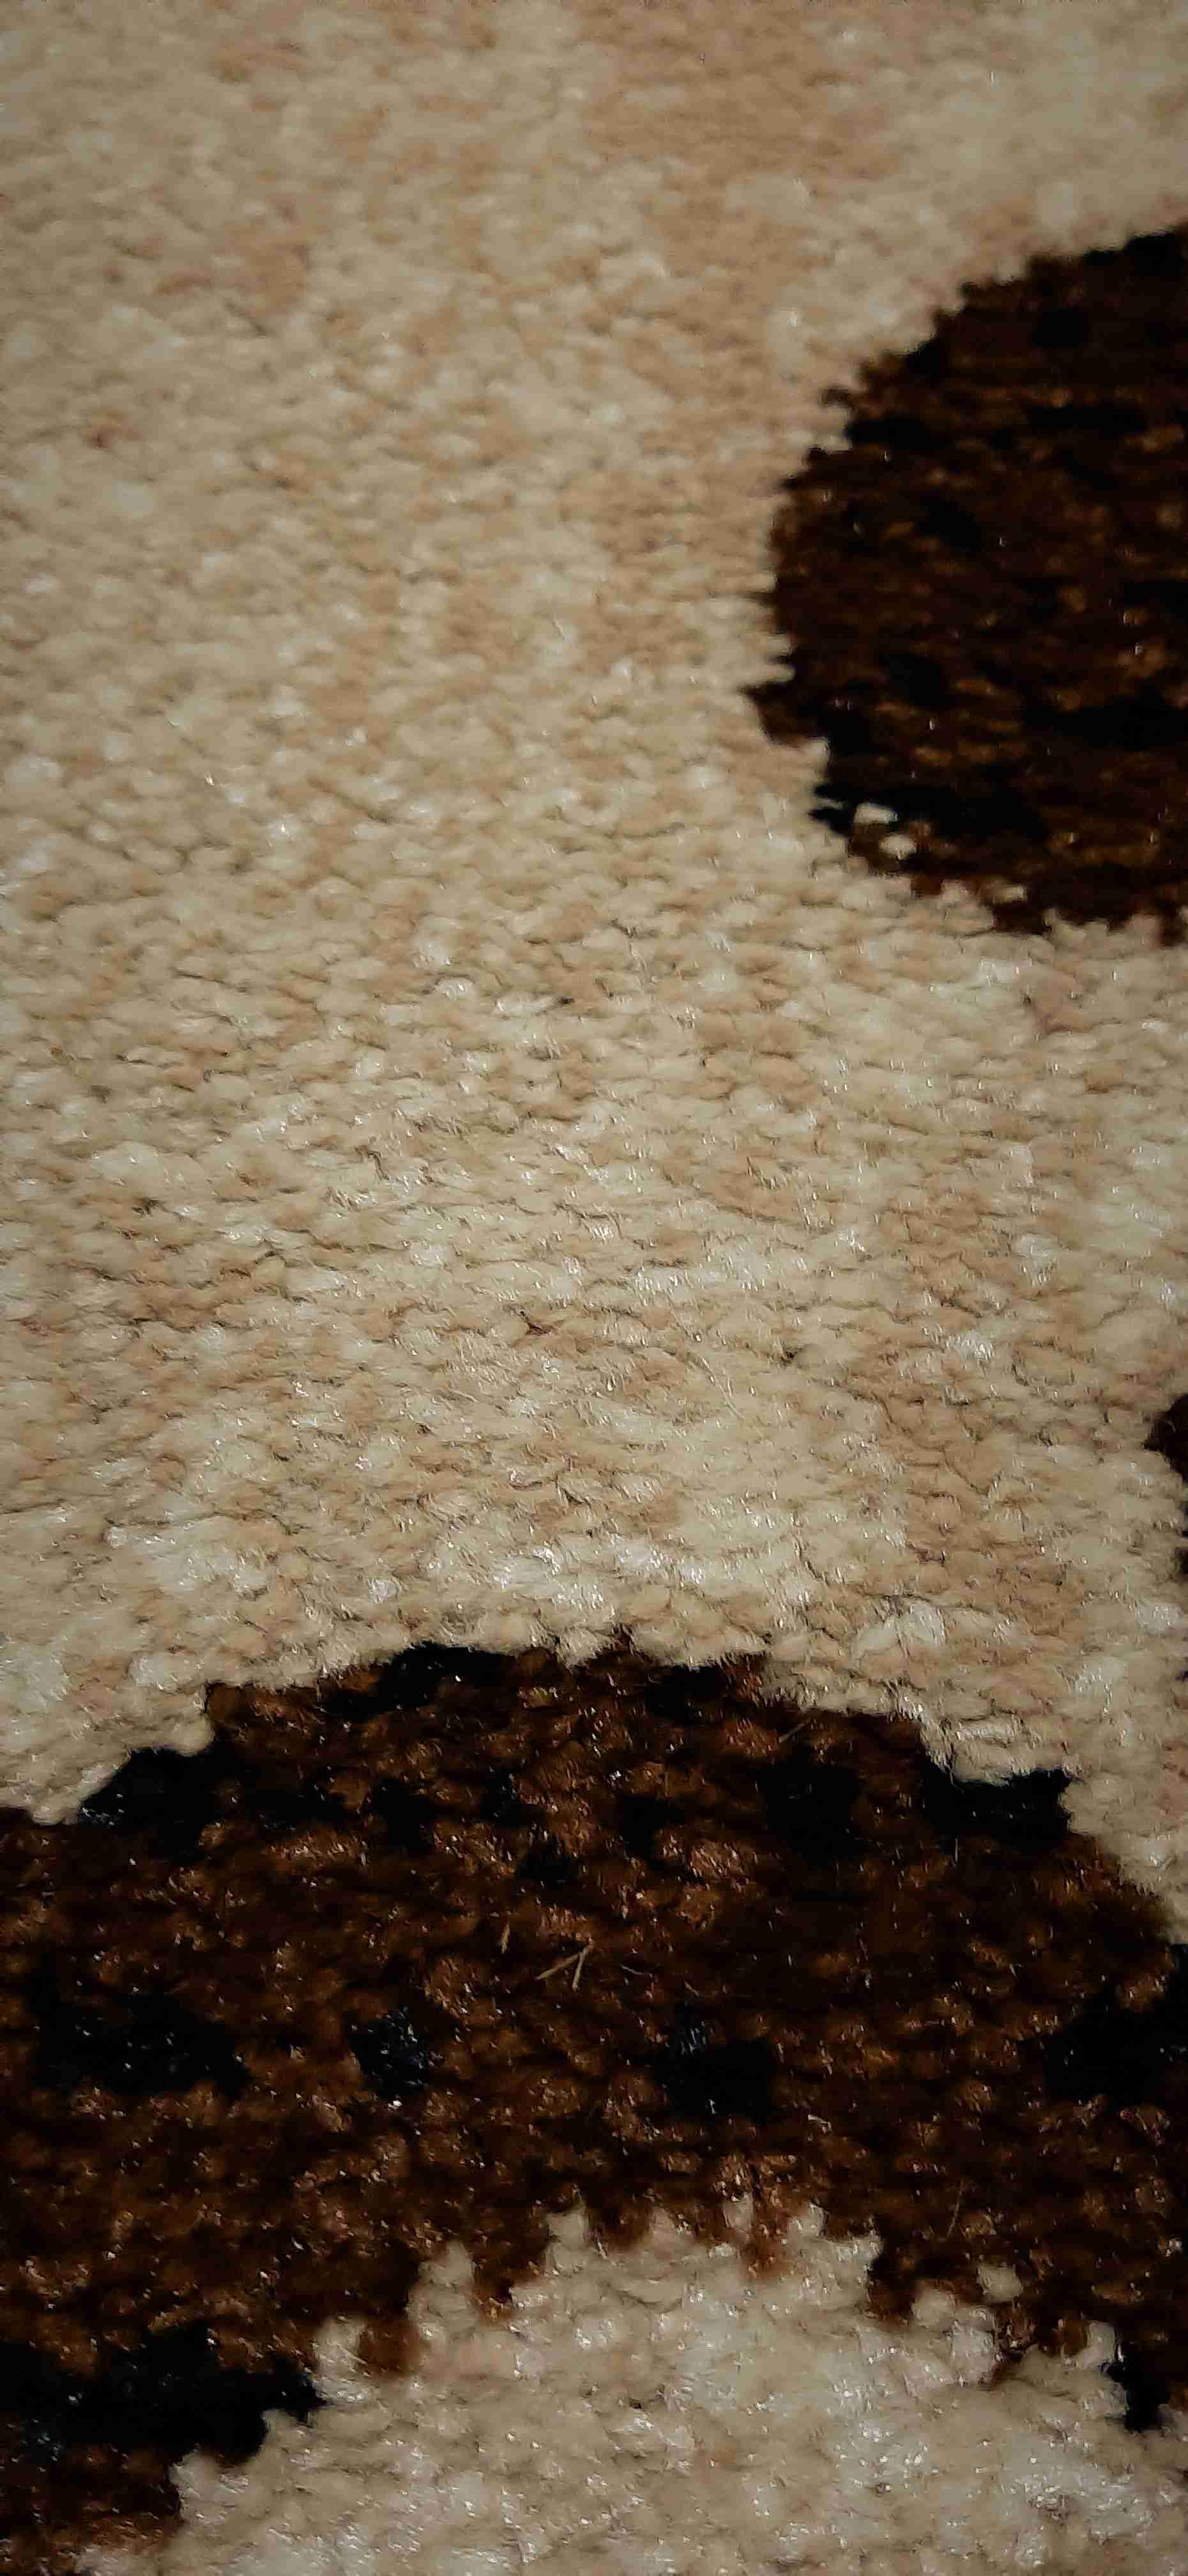 Traversa Covor, Cappuccino 16028-118, Bej / Maro, 60x700 cm, 1800 gr/mp 5